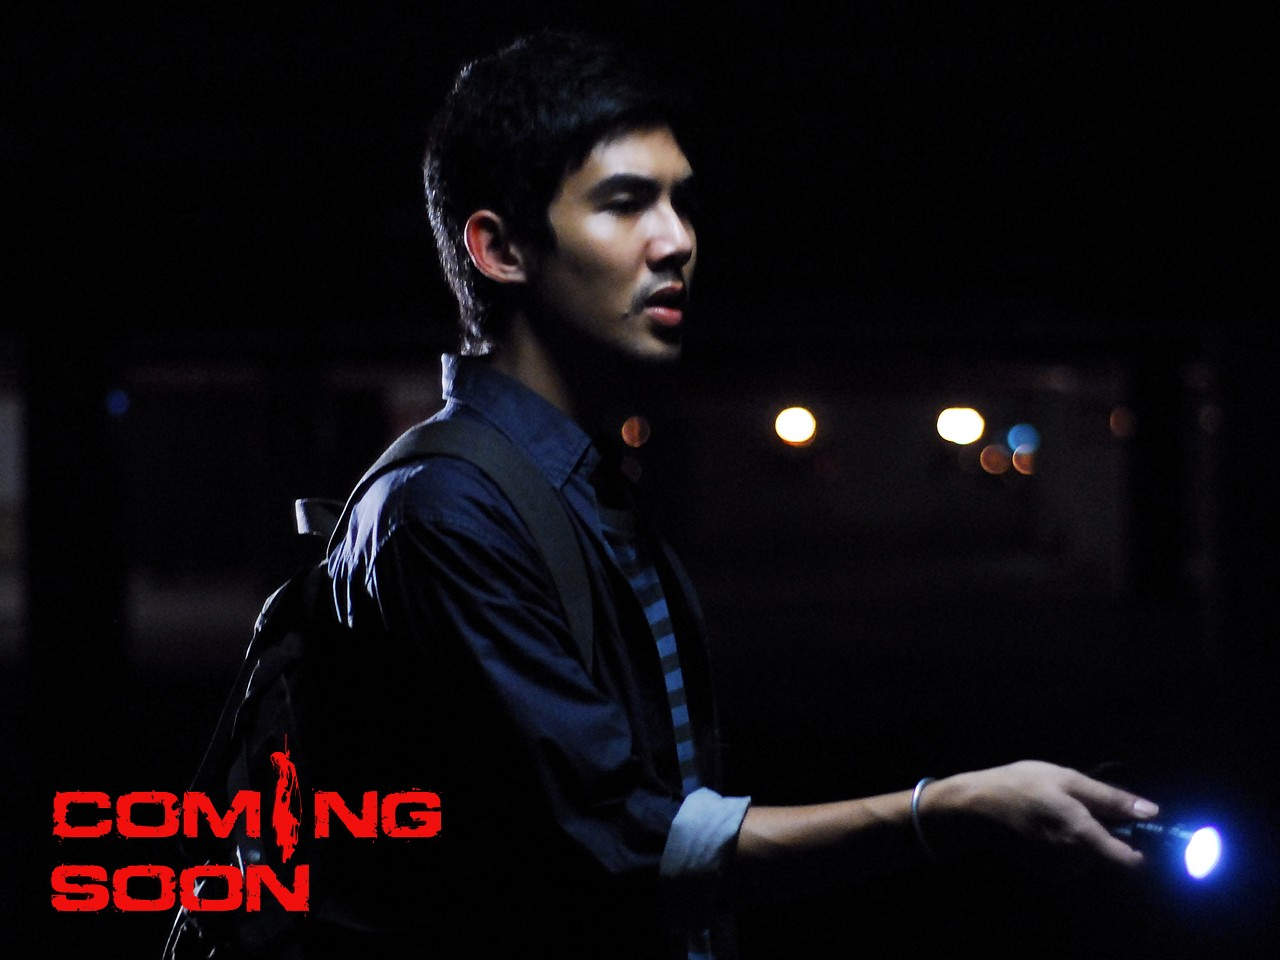 Il poster di Coming Soon dedicato al protagonista Shane